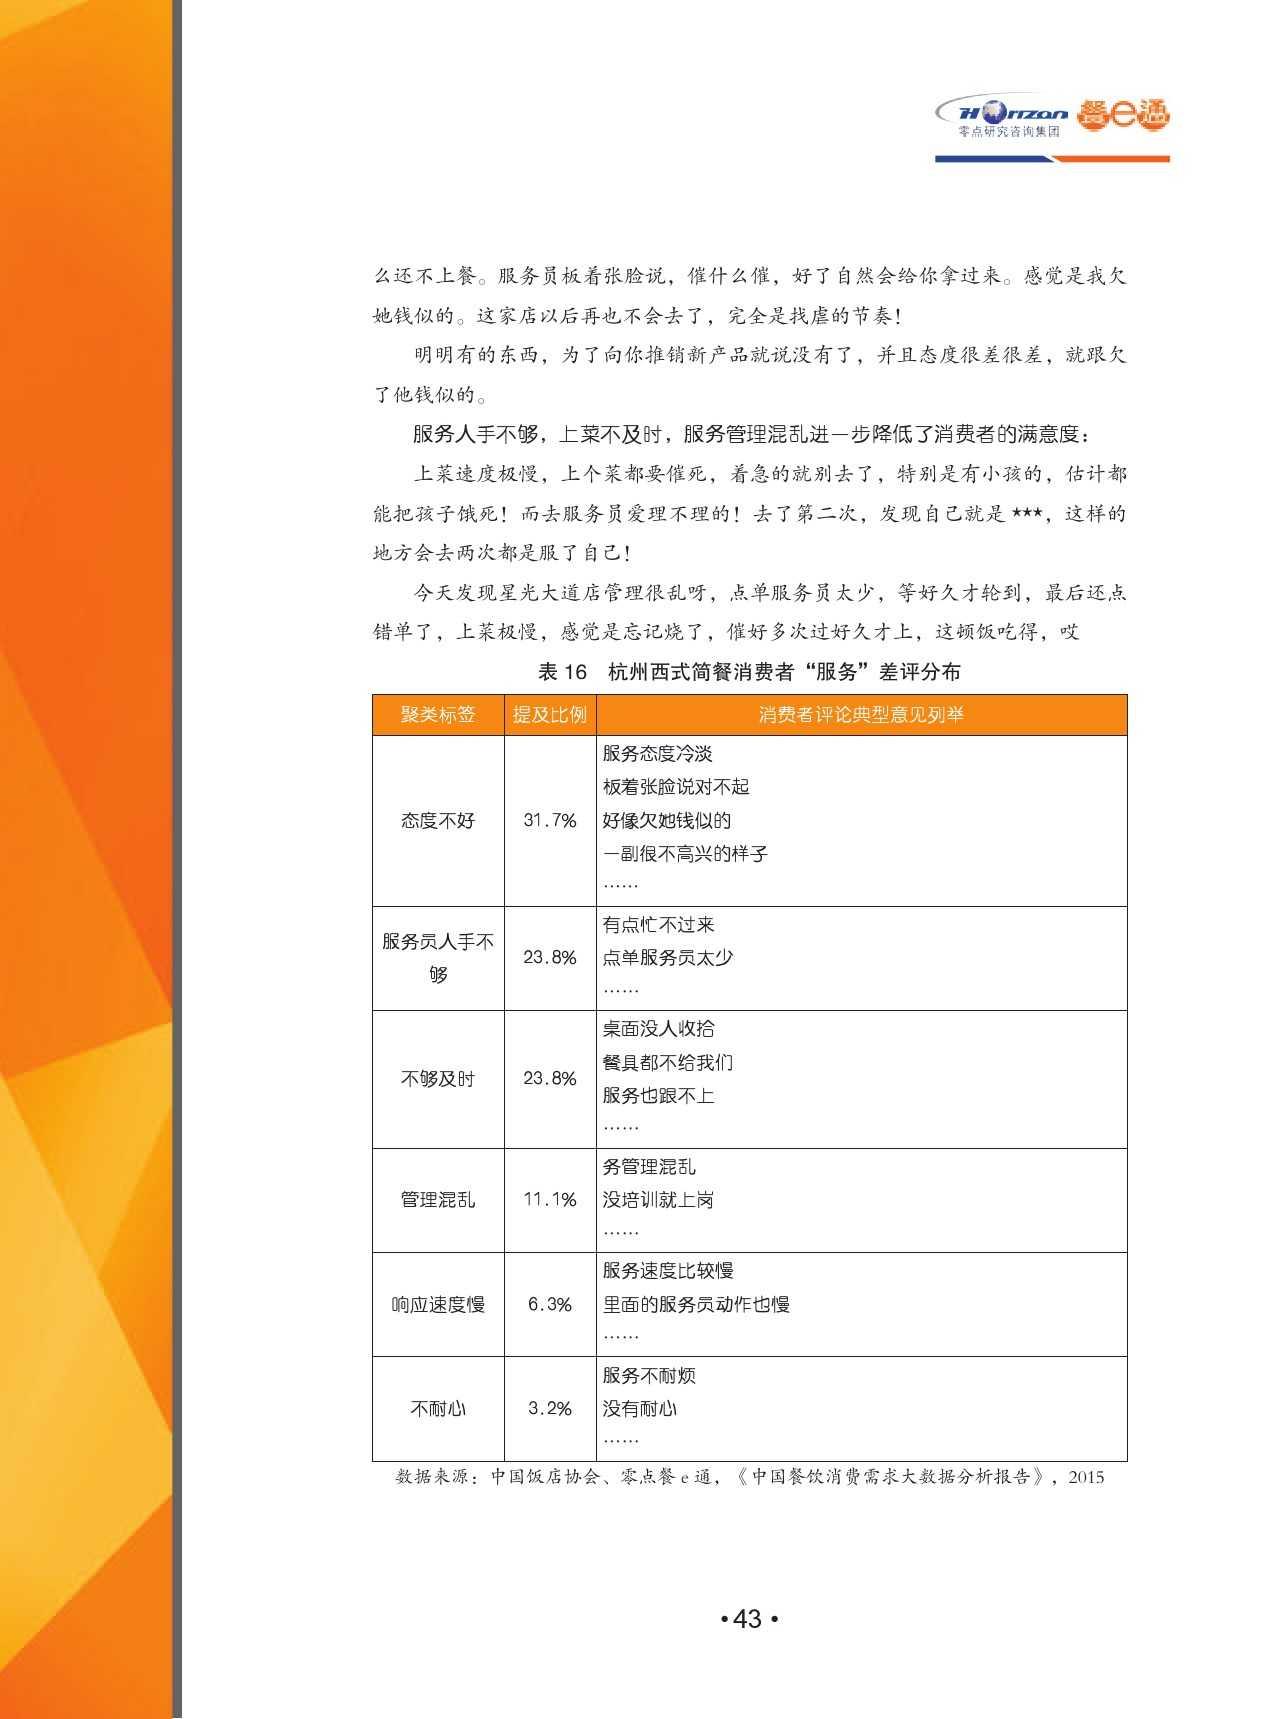 2015中国餐饮消费需求大数据分析报告_000045